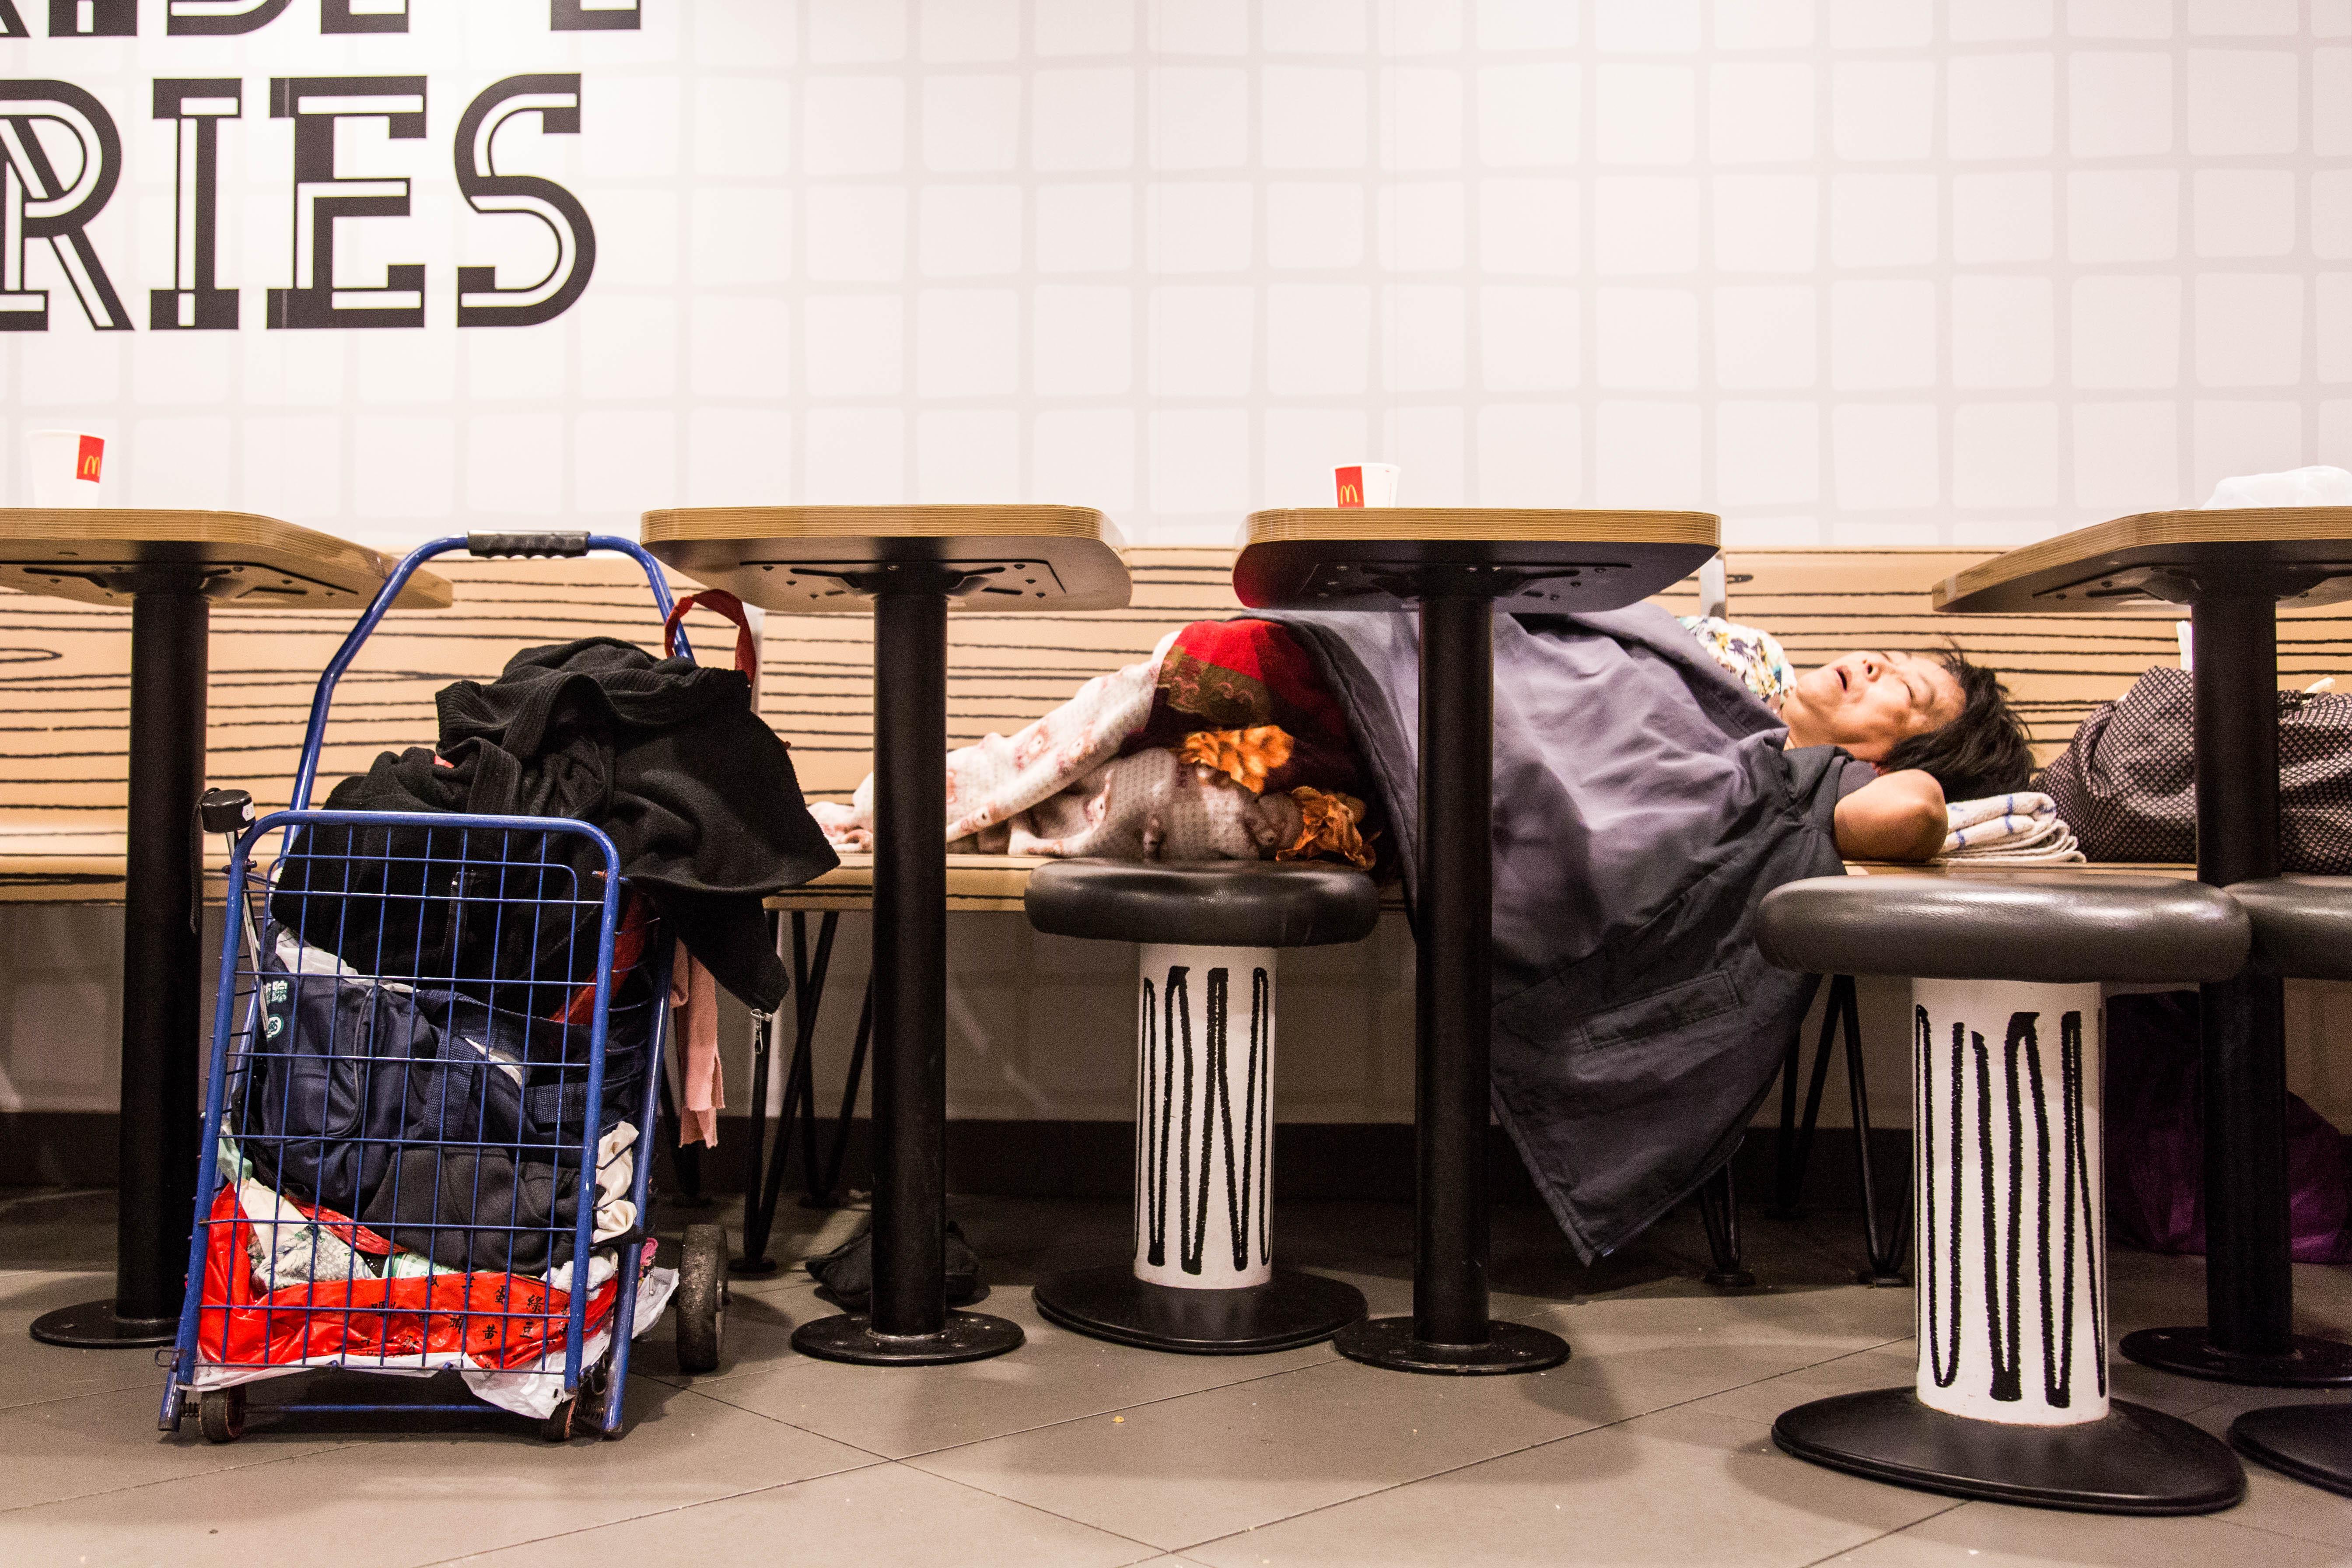 A 'McRefugee' sleeps in a restaurant in Hong Kong.